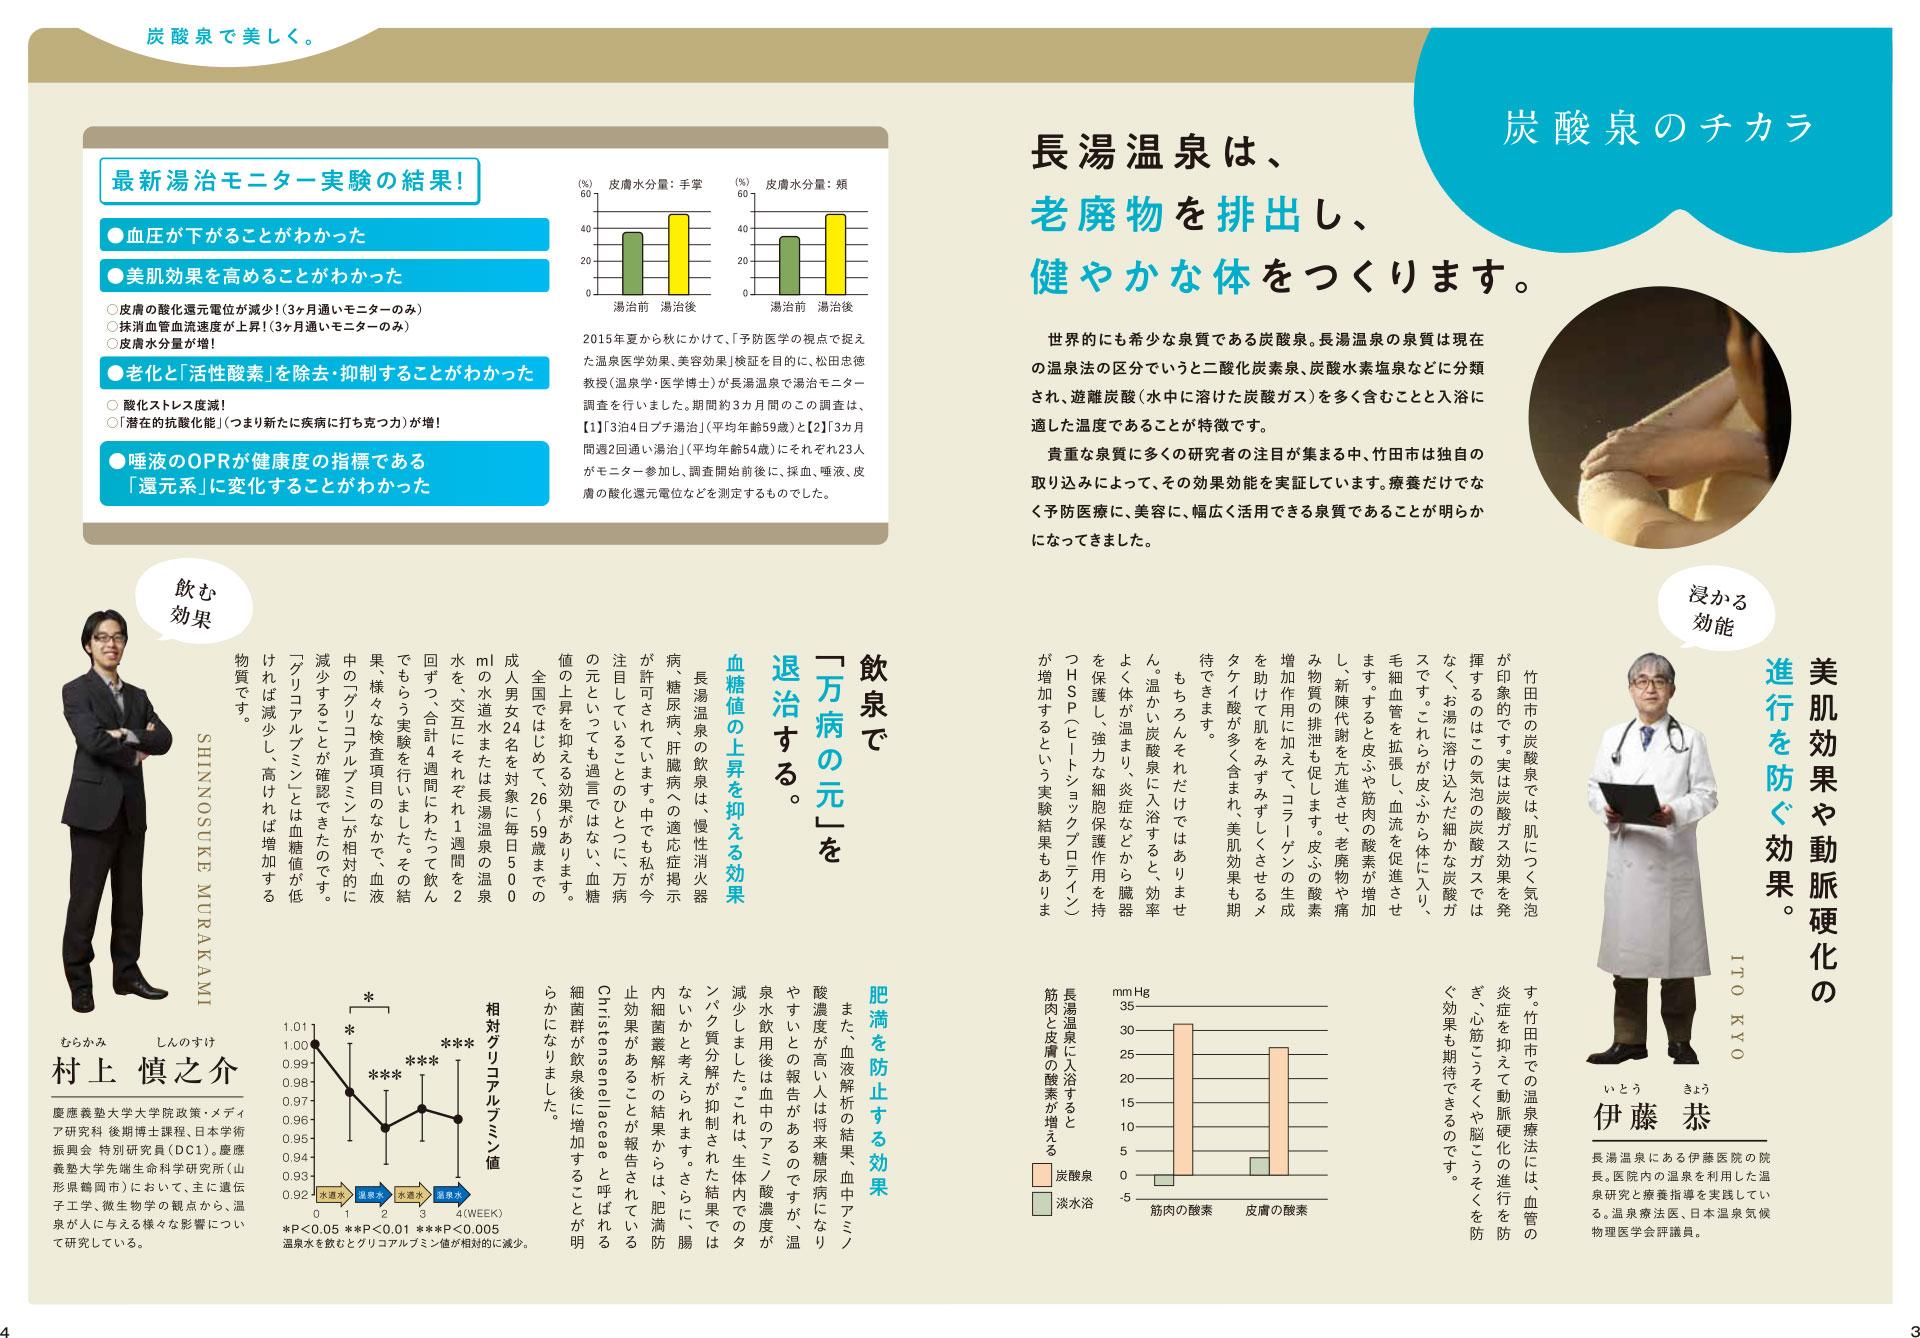 長湯温泉炭酸泉健康増進プログラム 詳細 パンフレット3